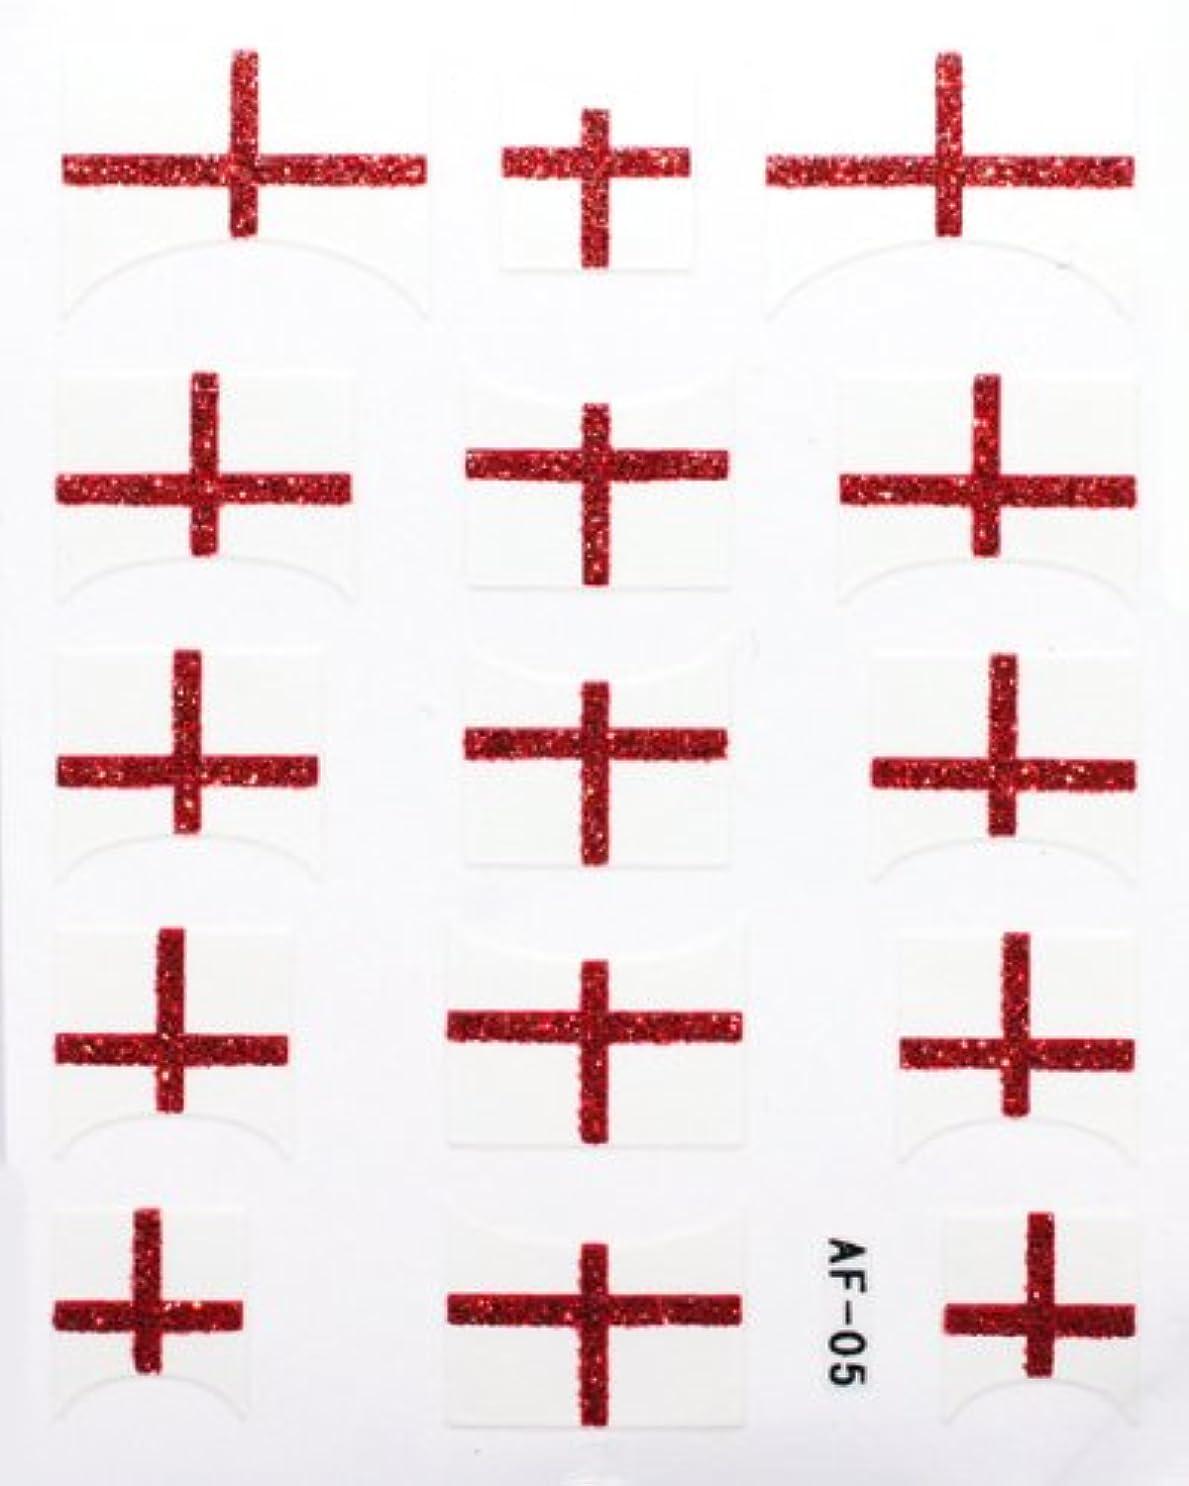 やりすぎ娘収益きらきら逆フレンチネイルシール イングランド国旗 AF05 貼るだけ ジェルネイルアート